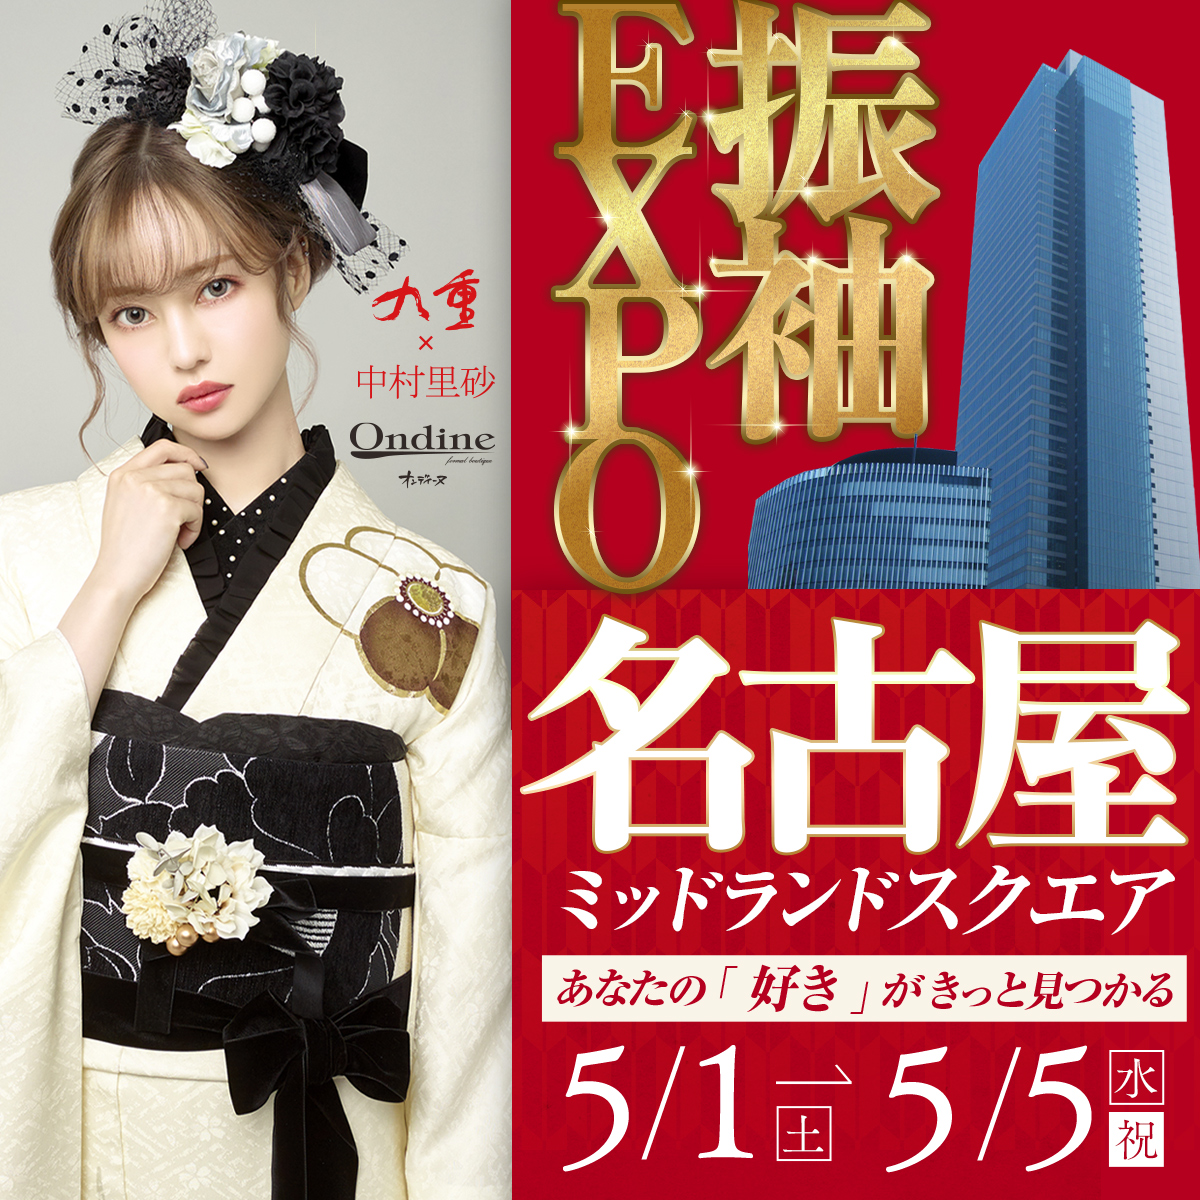 【イベント会場ご案内】振袖EXPO in 名古屋ミッドランドスクエア